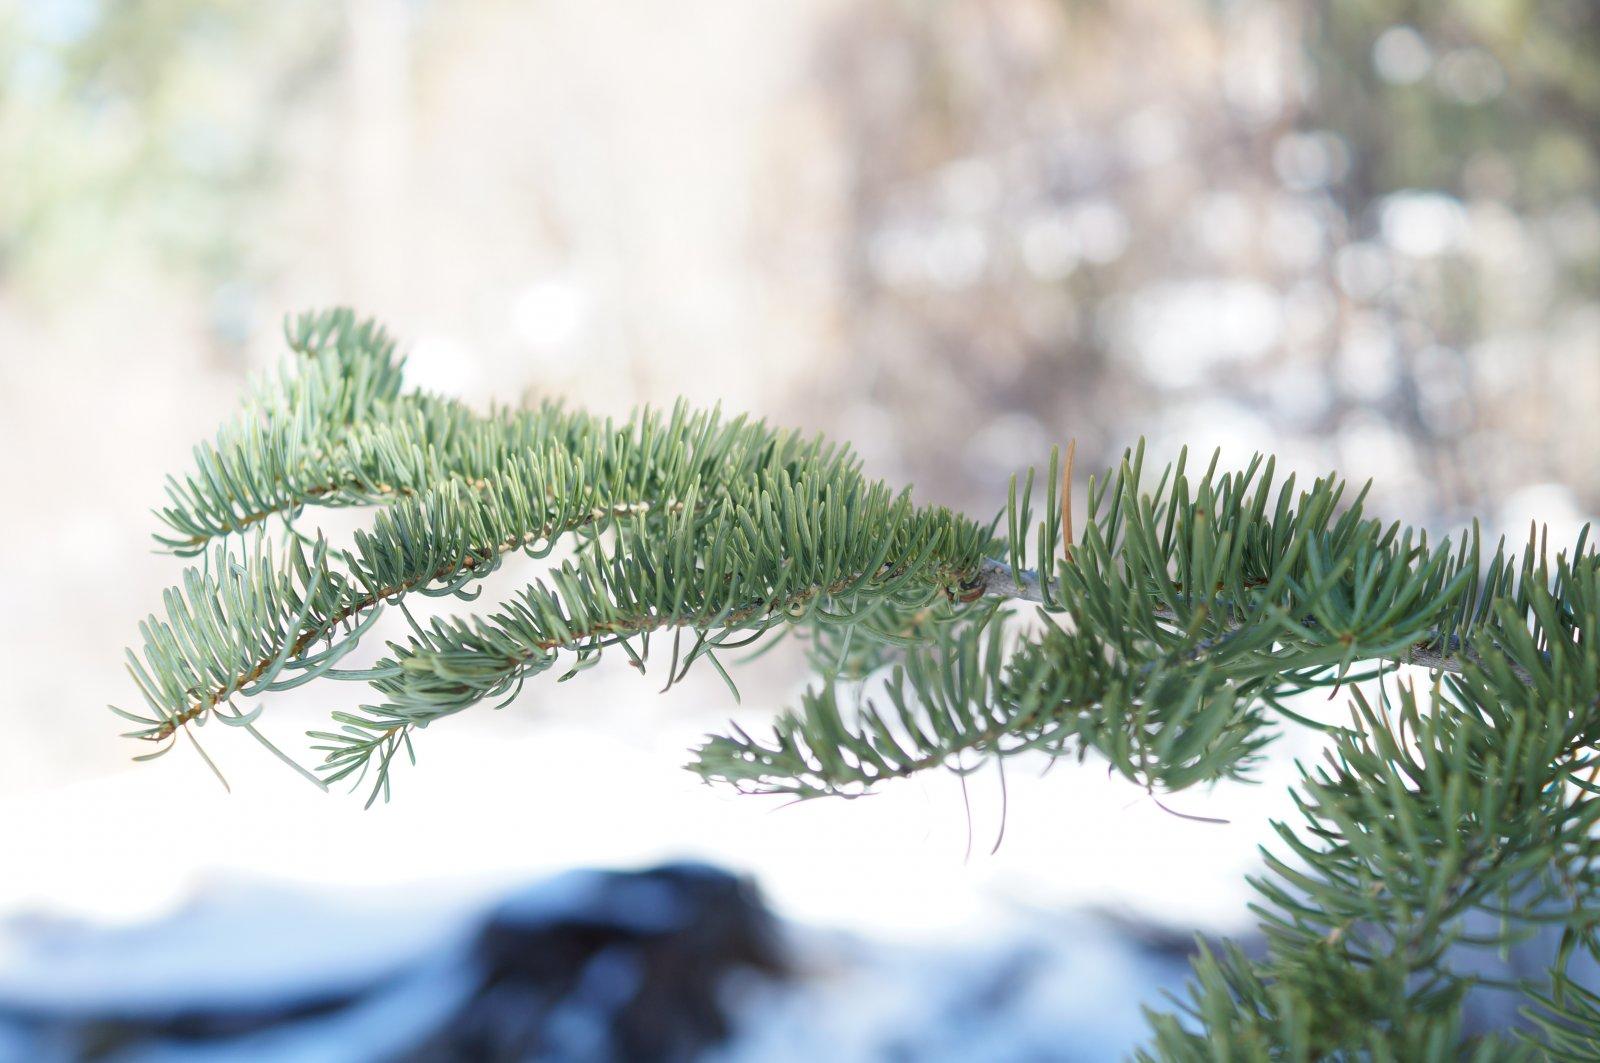 Tree Leaves at Big Bear Lake